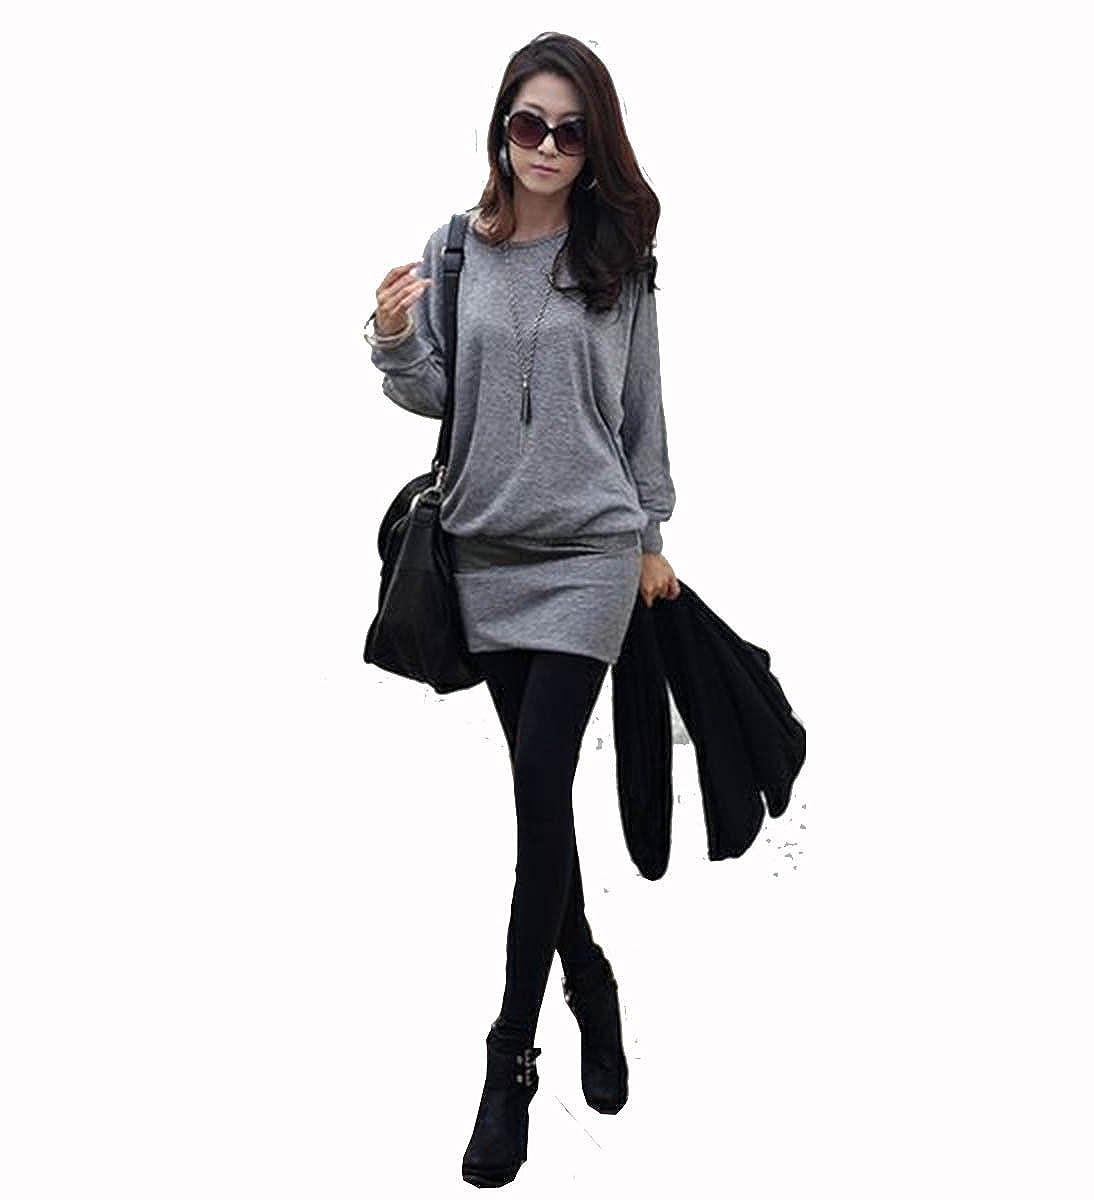 Mississhop Damen Minikleid festlich Glitzer Kleid Pulli Tunika S M L XL XXL